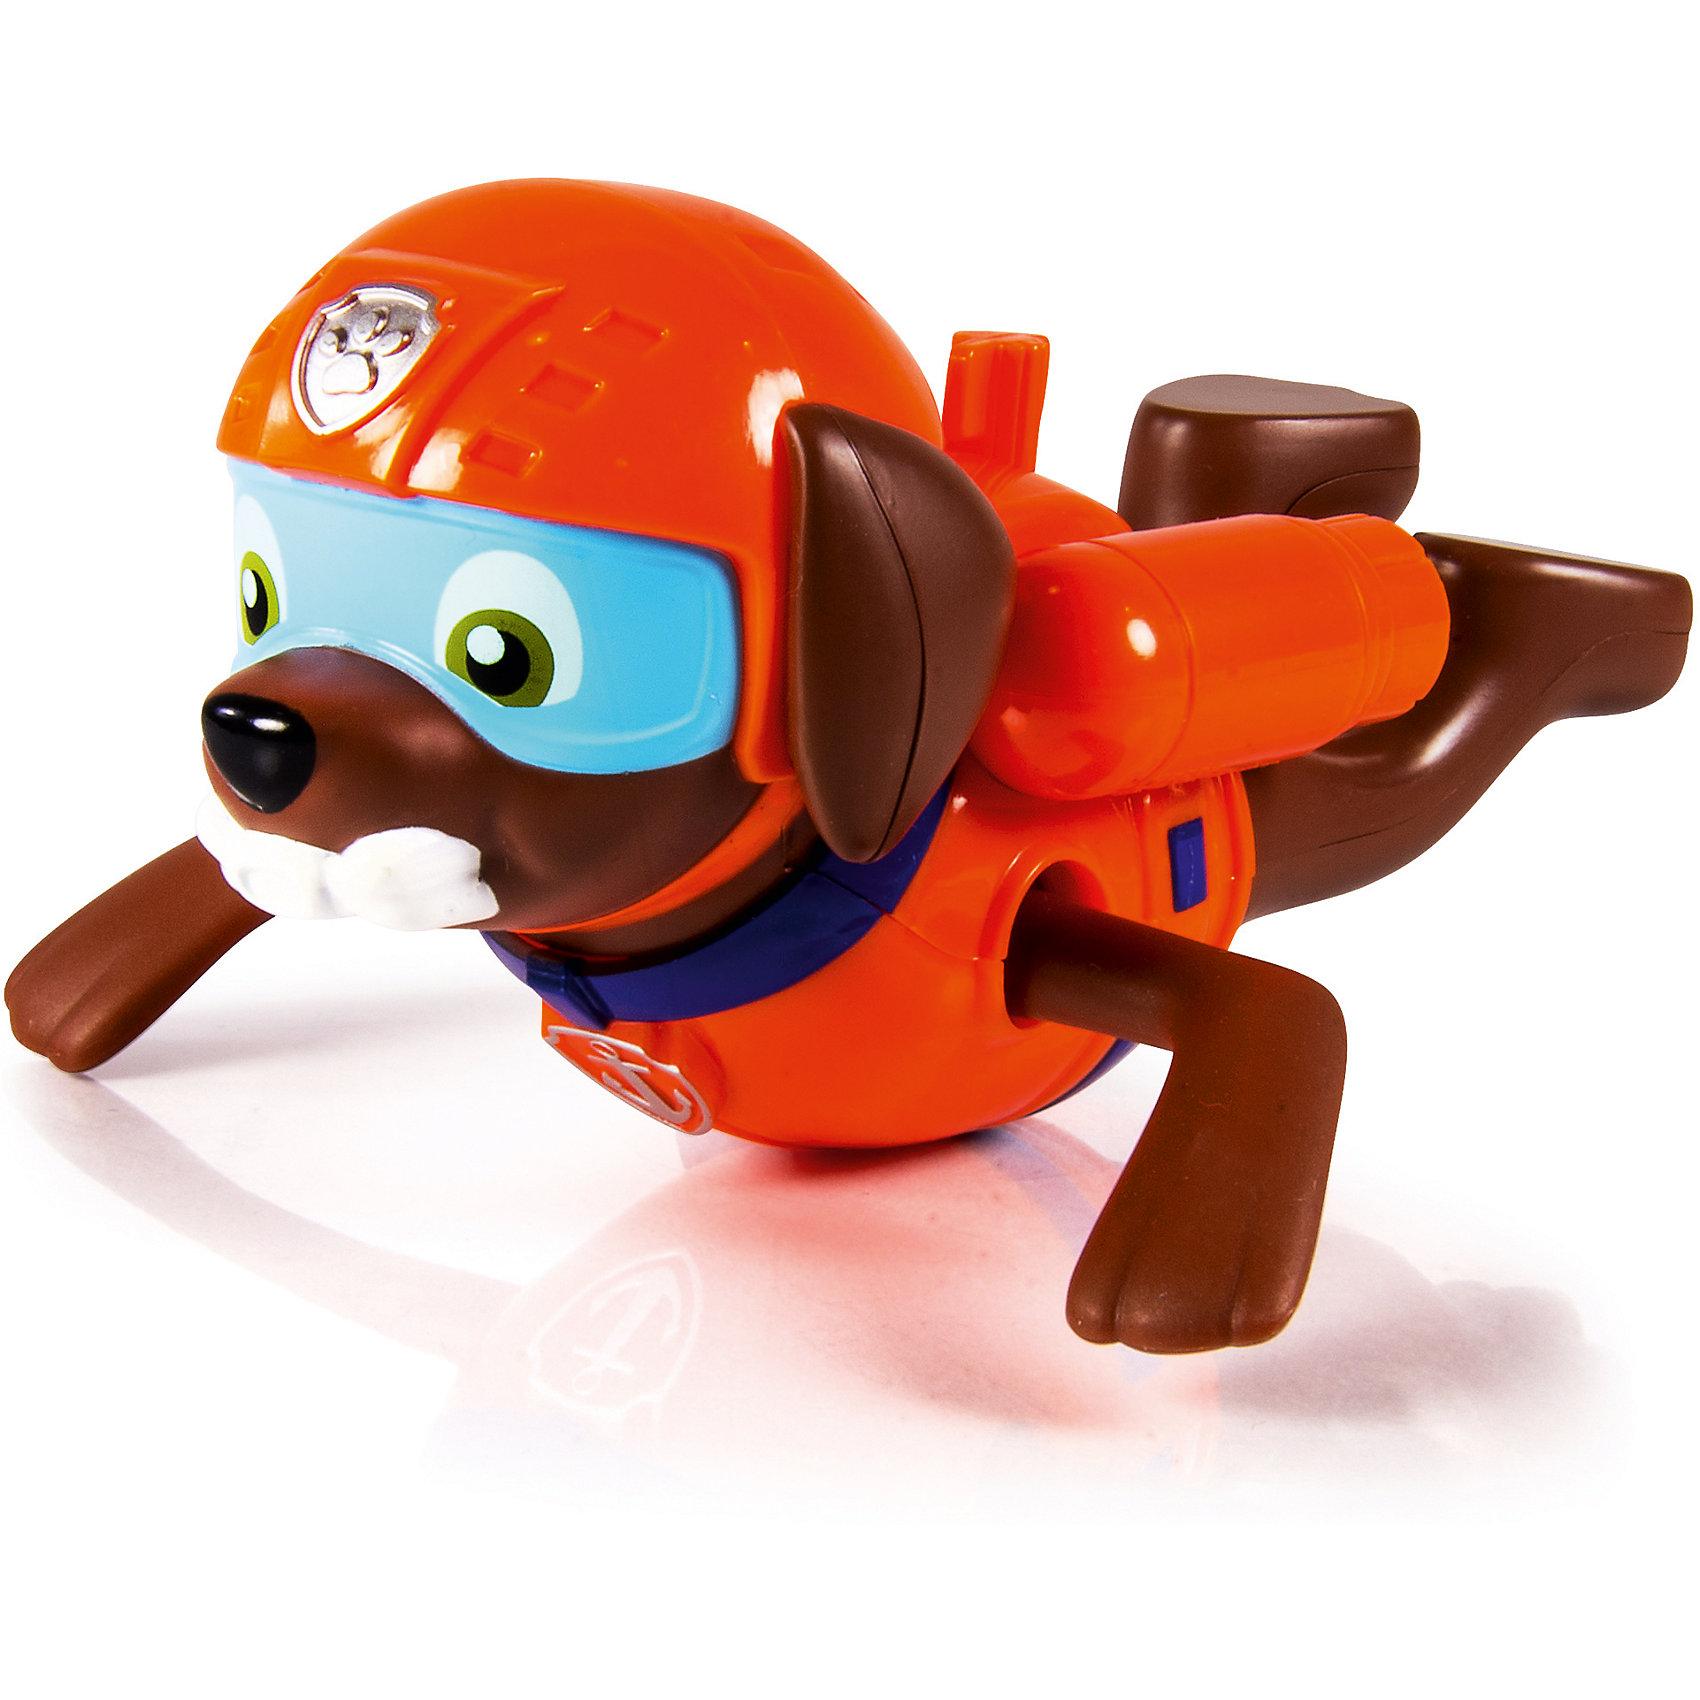 Игрушка для ванной заводная Зума, Щенячий патруль, Spin MasterХарактеристики:<br><br>• особенности игрушки: заводная;<br>• материал: пластик;<br>• размер фигурки: 13 см;<br>• размер упаковки: 13х6х8 см;<br>• вес: 190 г.<br><br>Заводная игрушка для купания – персонаж из мультсериала для детей Paw Patrol. Игрушка с моторчиком, весело плавает в ванной. Малыш наблюдает за щенком, старается ухватить его ручками. <br><br>Игрушку для ванной заводную Зума, Щенячий патруль, Spin Master можно купить в нашем магазине.<br><br>Ширина мм: 130<br>Глубина мм: 60<br>Высота мм: 80<br>Вес г: 183<br>Возраст от месяцев: 36<br>Возраст до месяцев: 2147483647<br>Пол: Унисекс<br>Возраст: Детский<br>SKU: 5282099